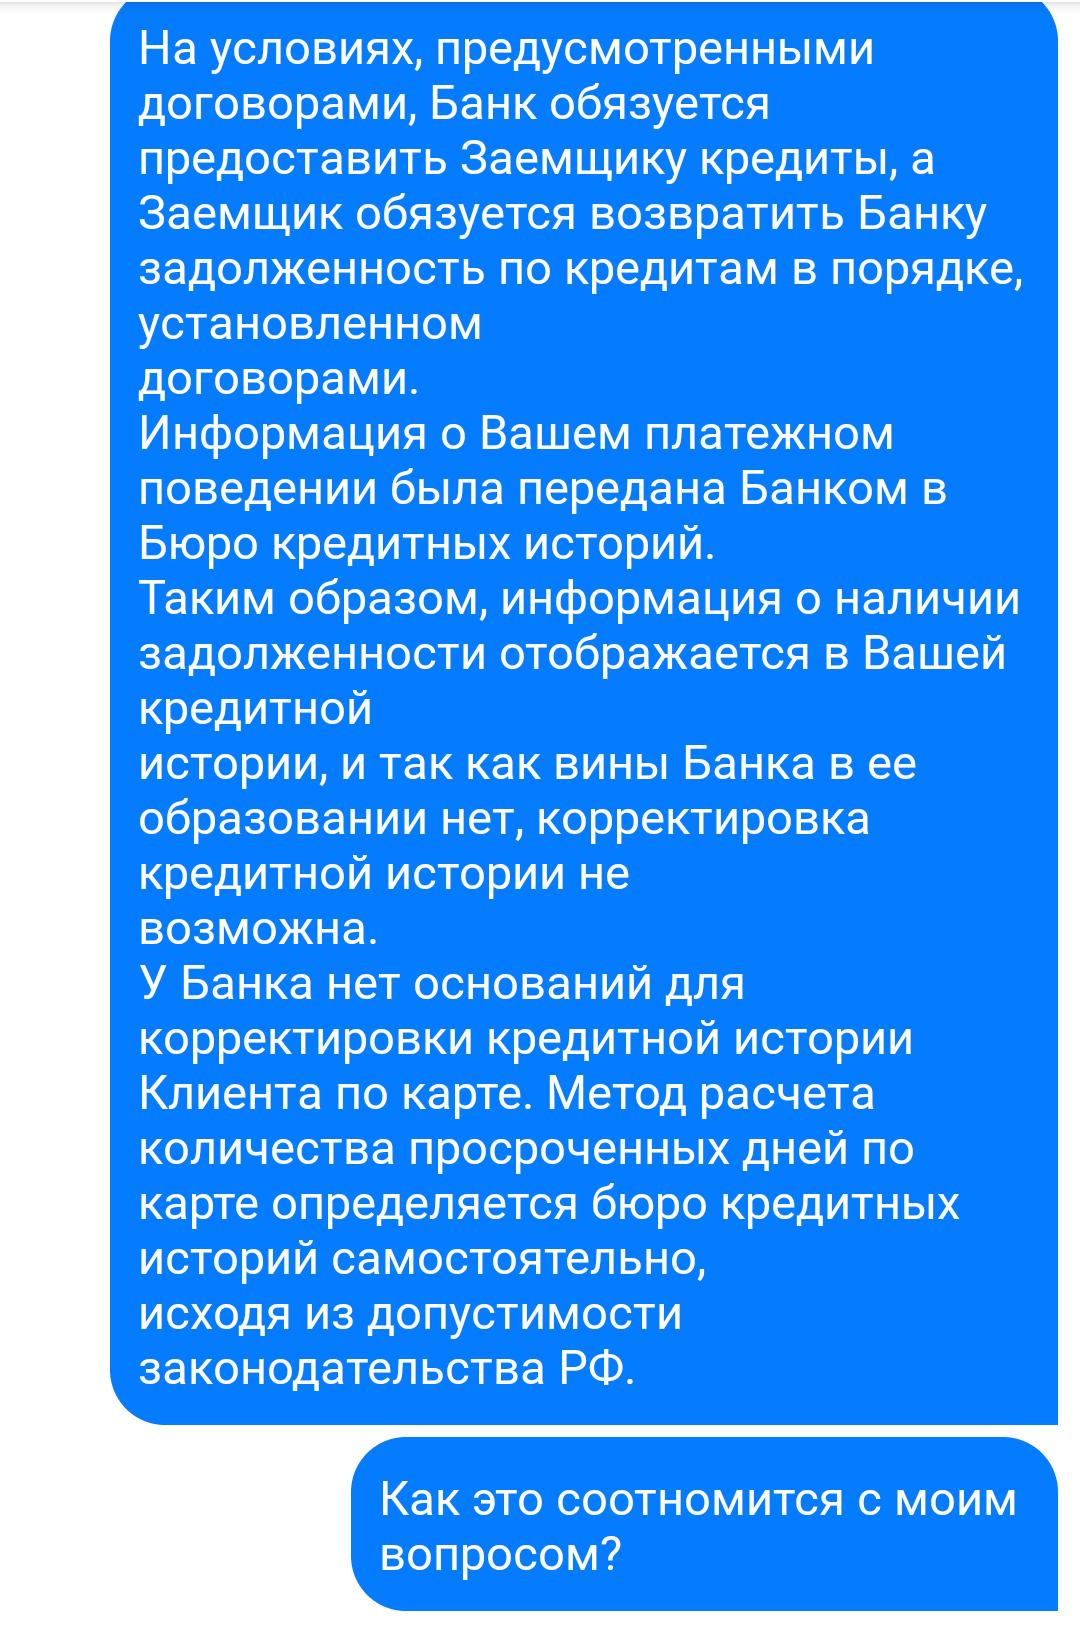 почему хоум кредит не дает кредит где выгодно взять кредит наличными в москве